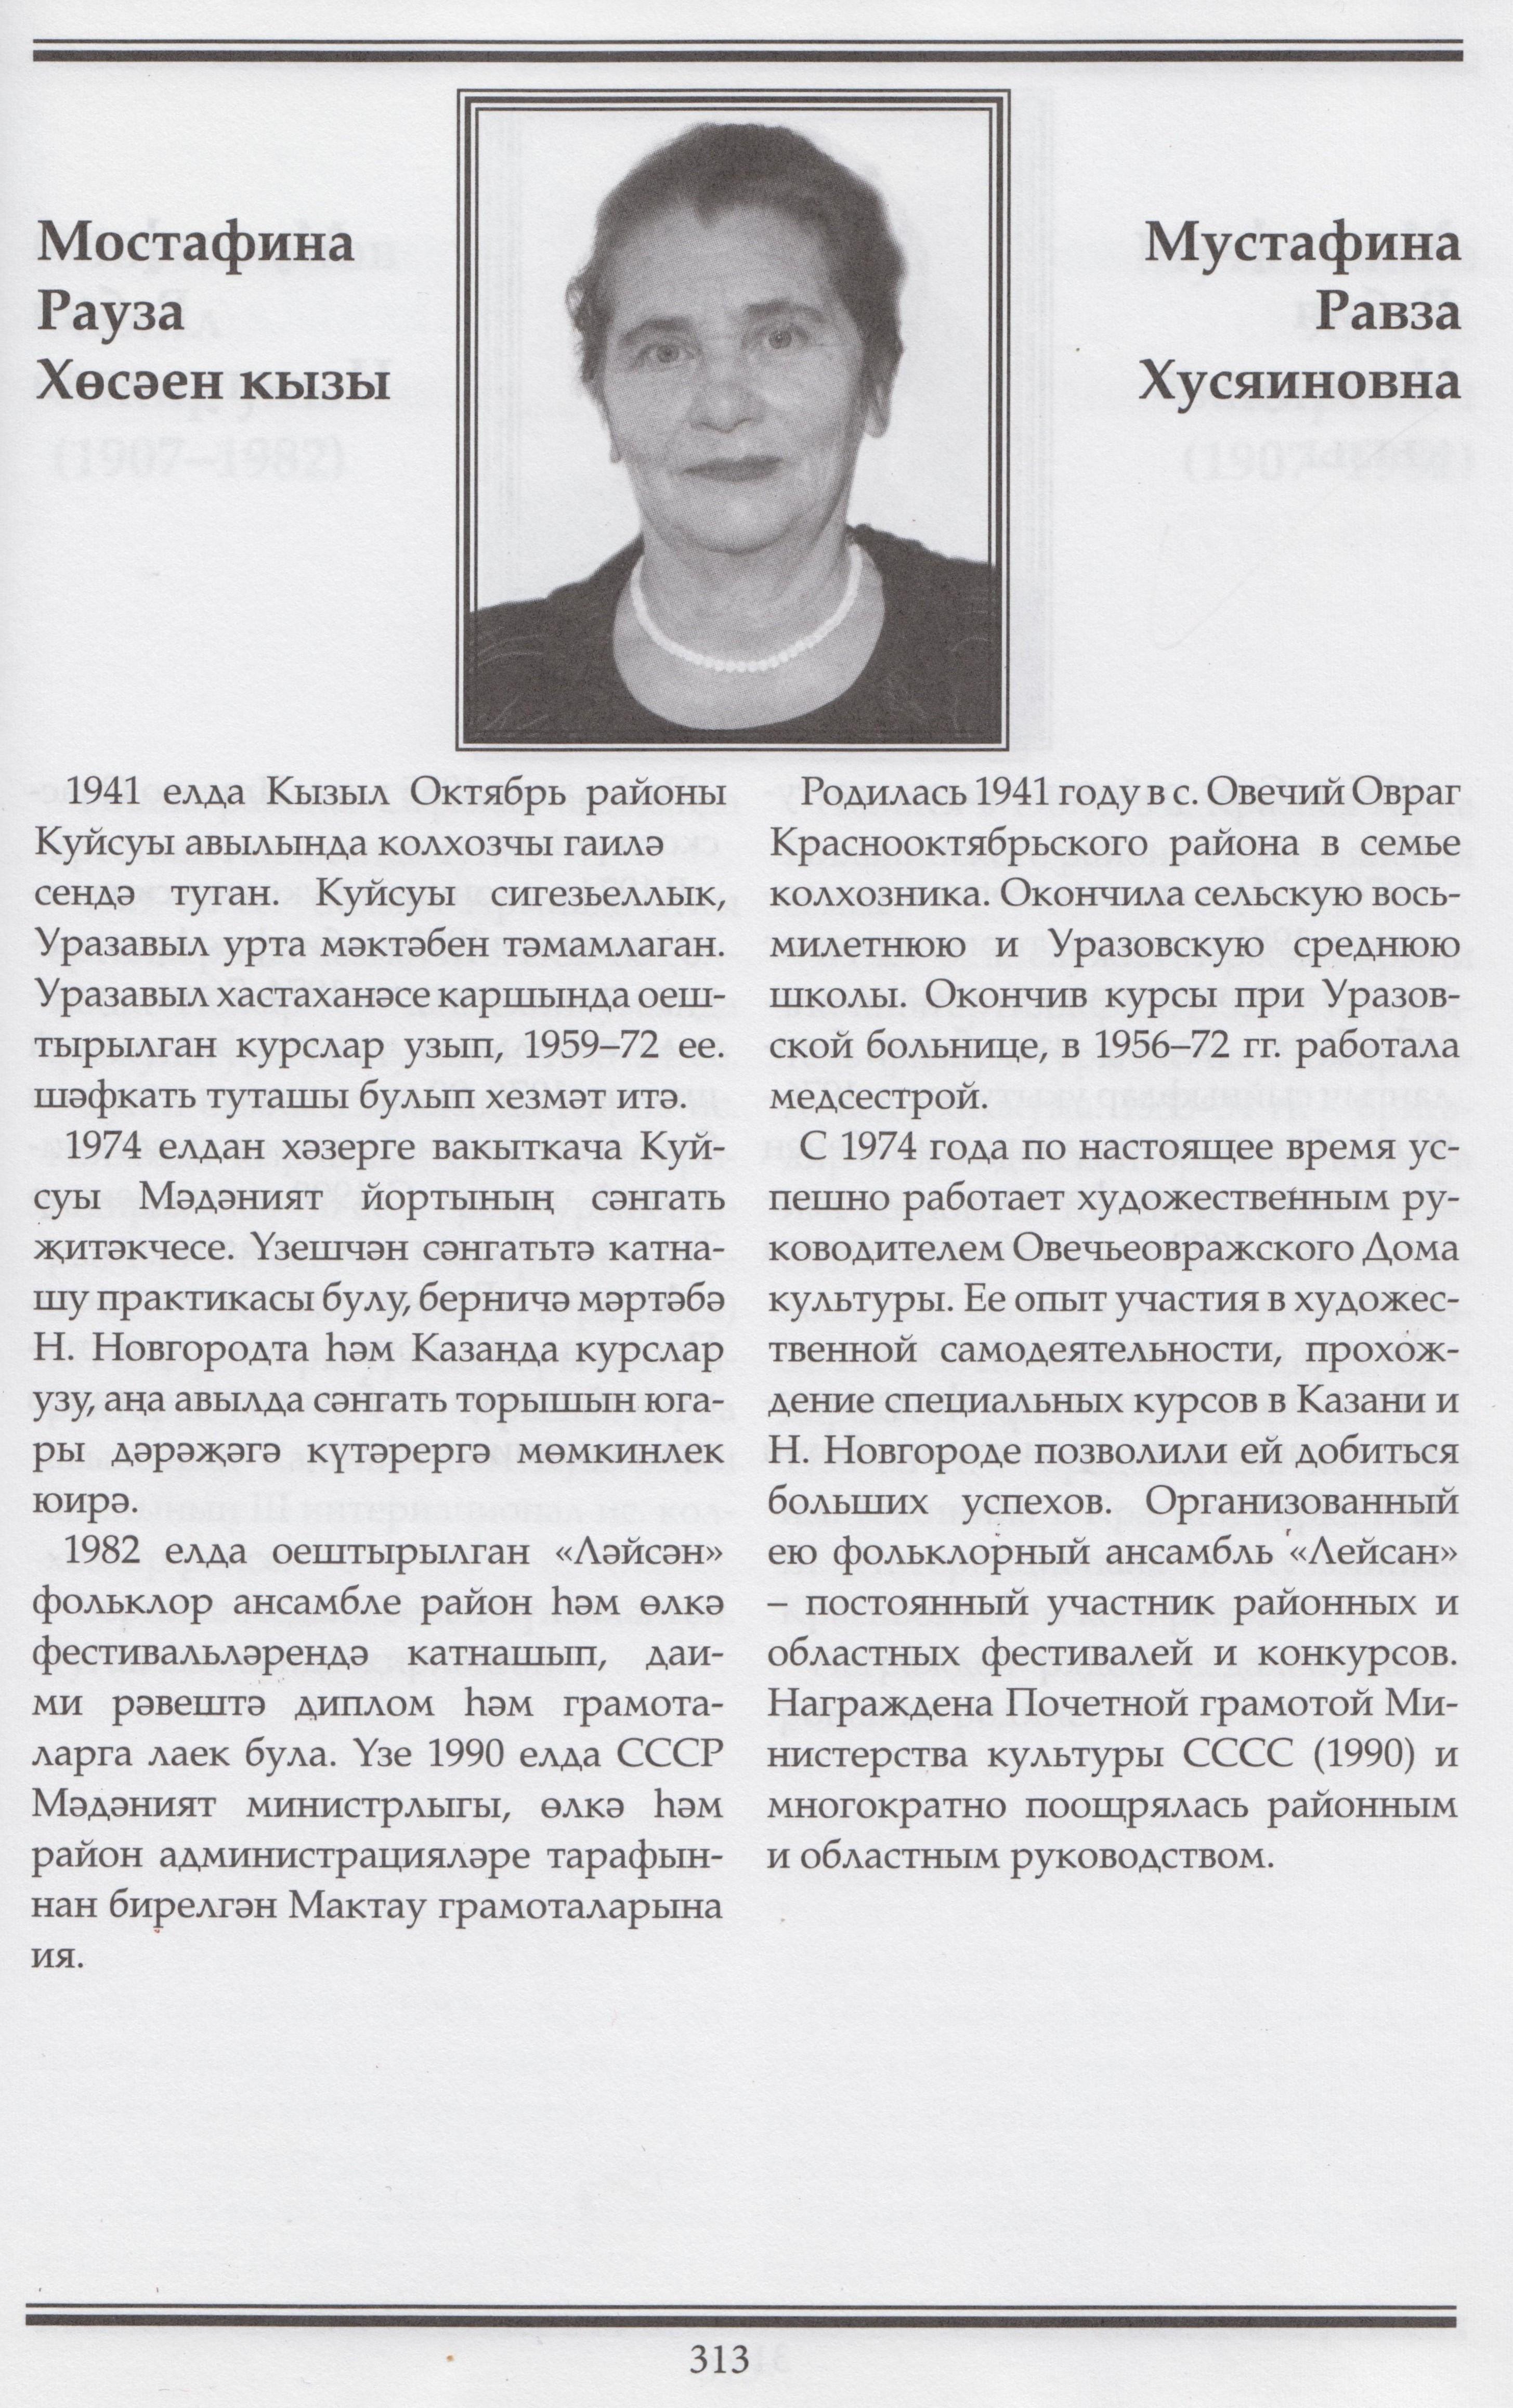 Мустафина Рауза Хусяин кызы